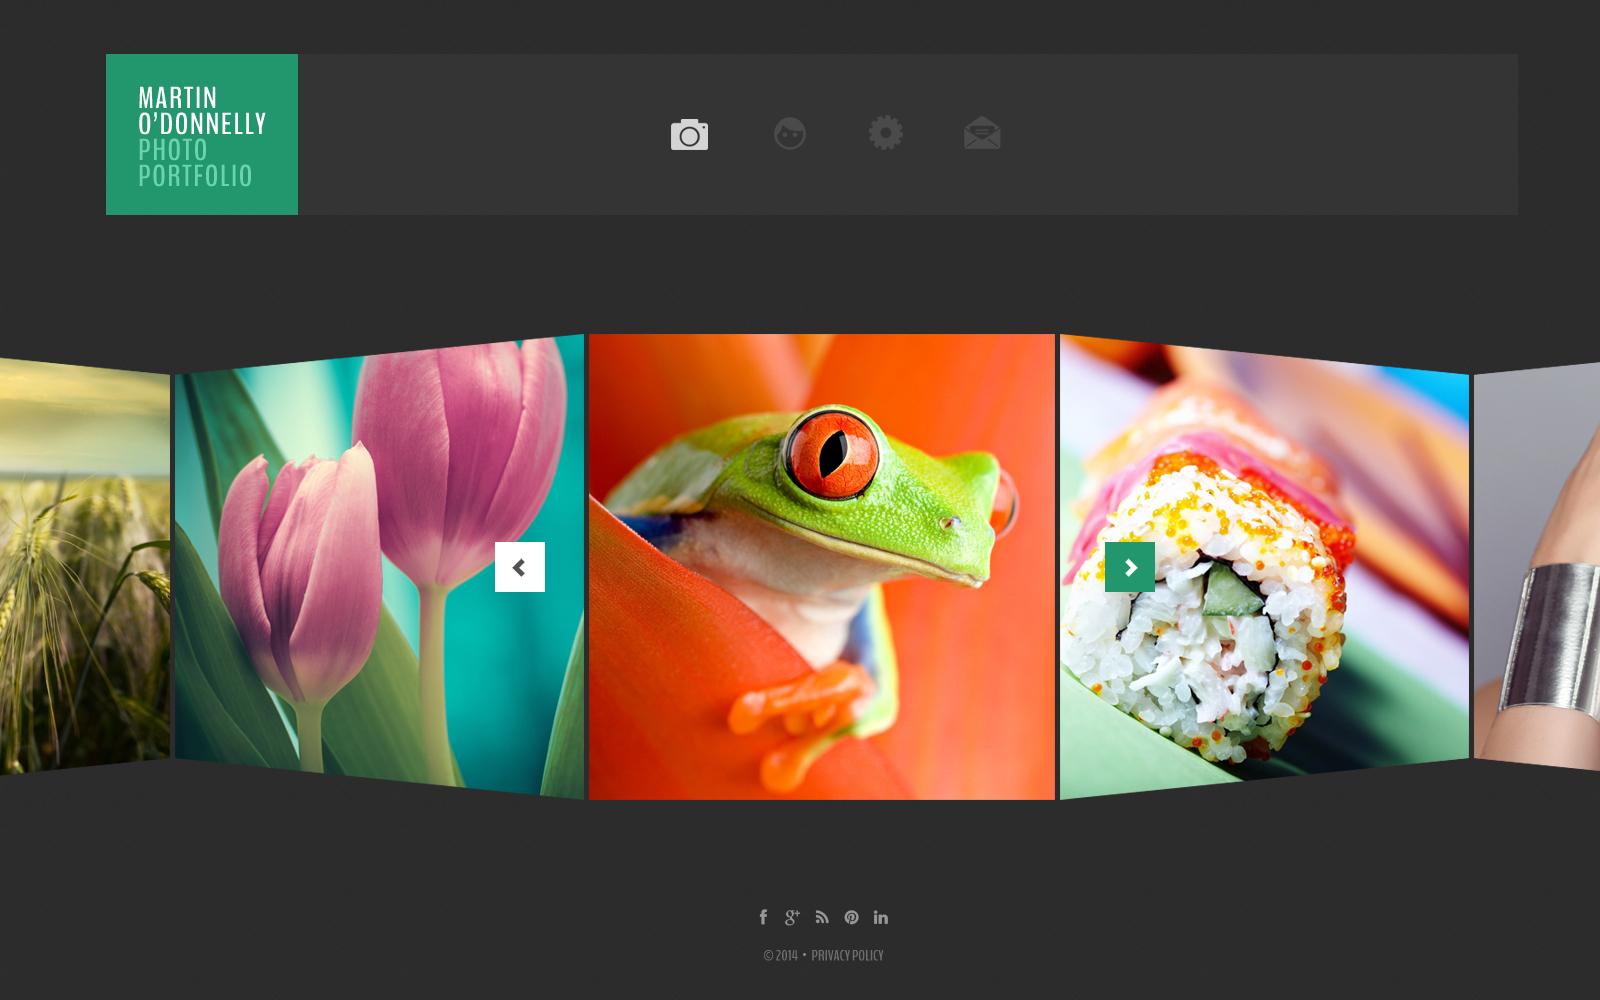 Template Siti Web Bootstrap #50506 per Un Sito di Fotografi Portfolio